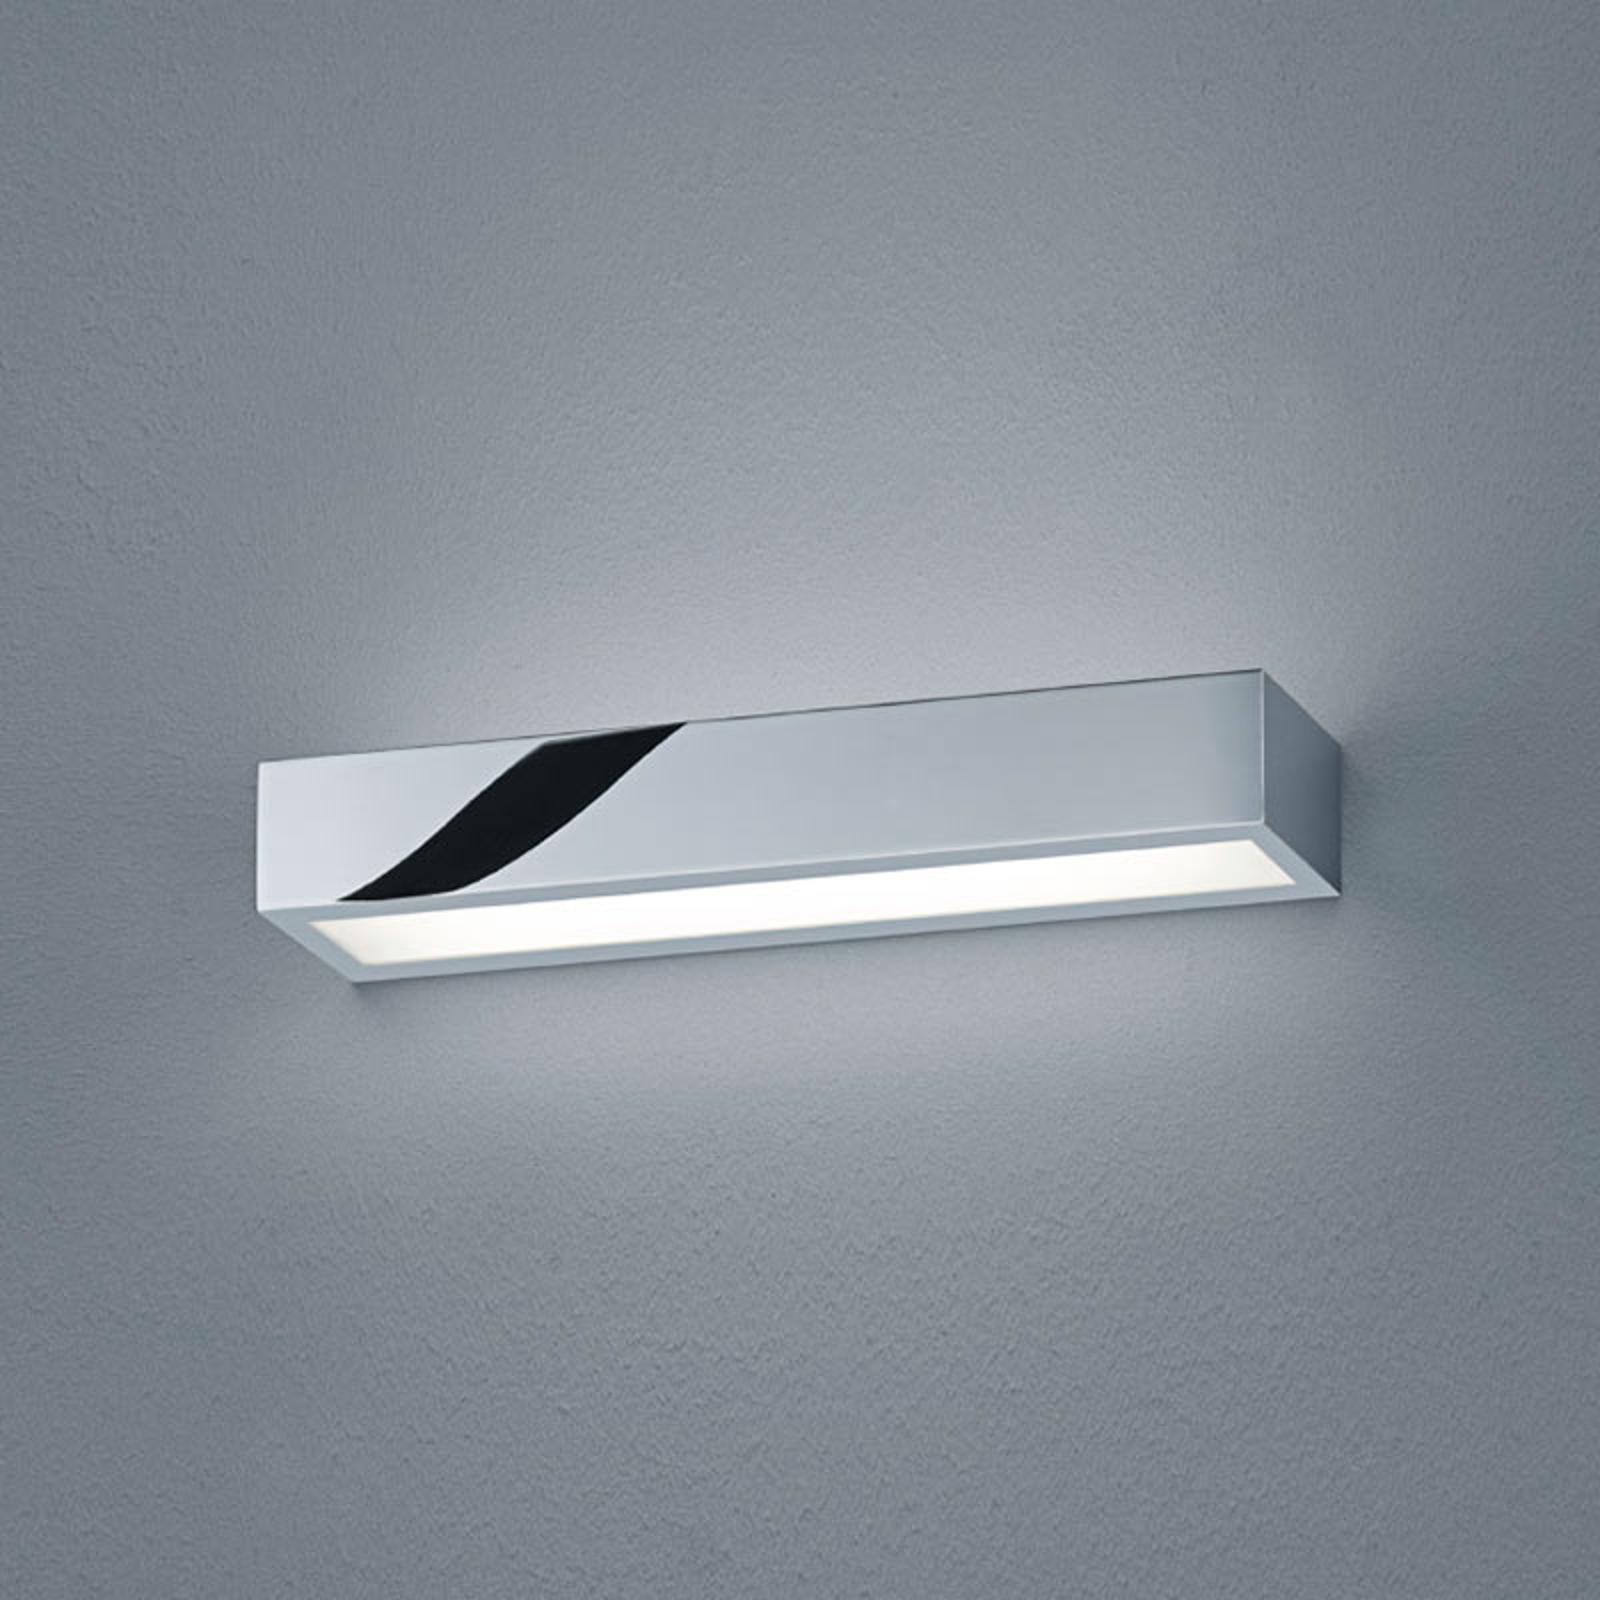 Helestra Theia lampada LED da specchi cromo, 30cm